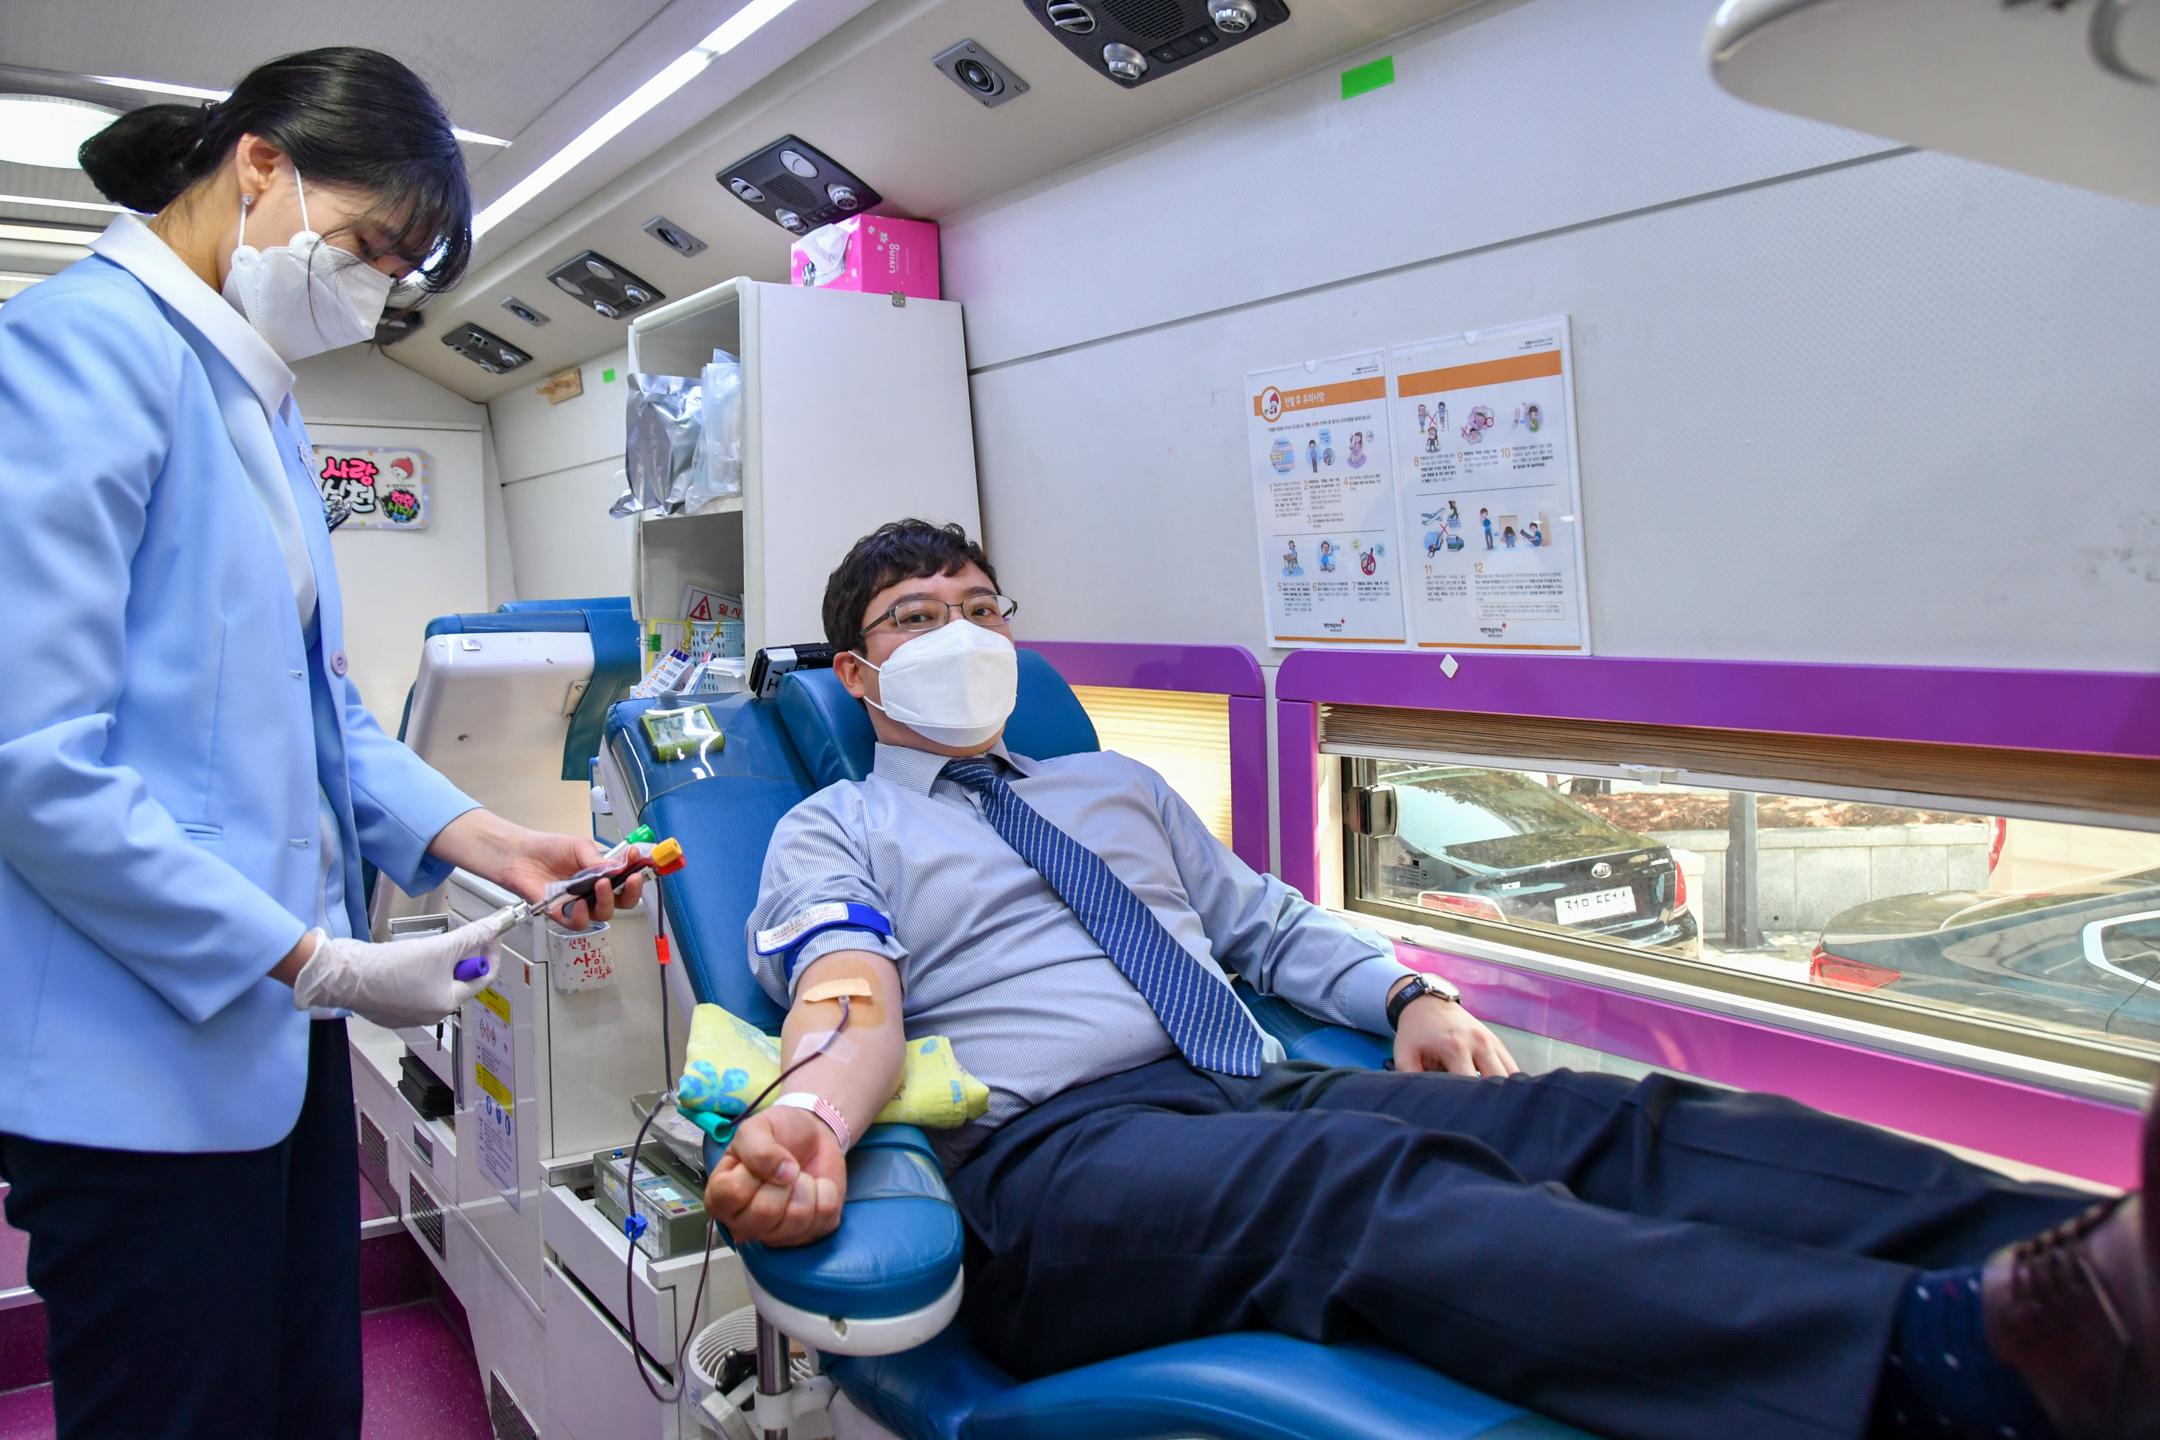 2020 '사랑의 생명나눔' 헌혈 캠페인 2020 '사랑의 생명나눔' 헌혈 캠페인(4).jpg